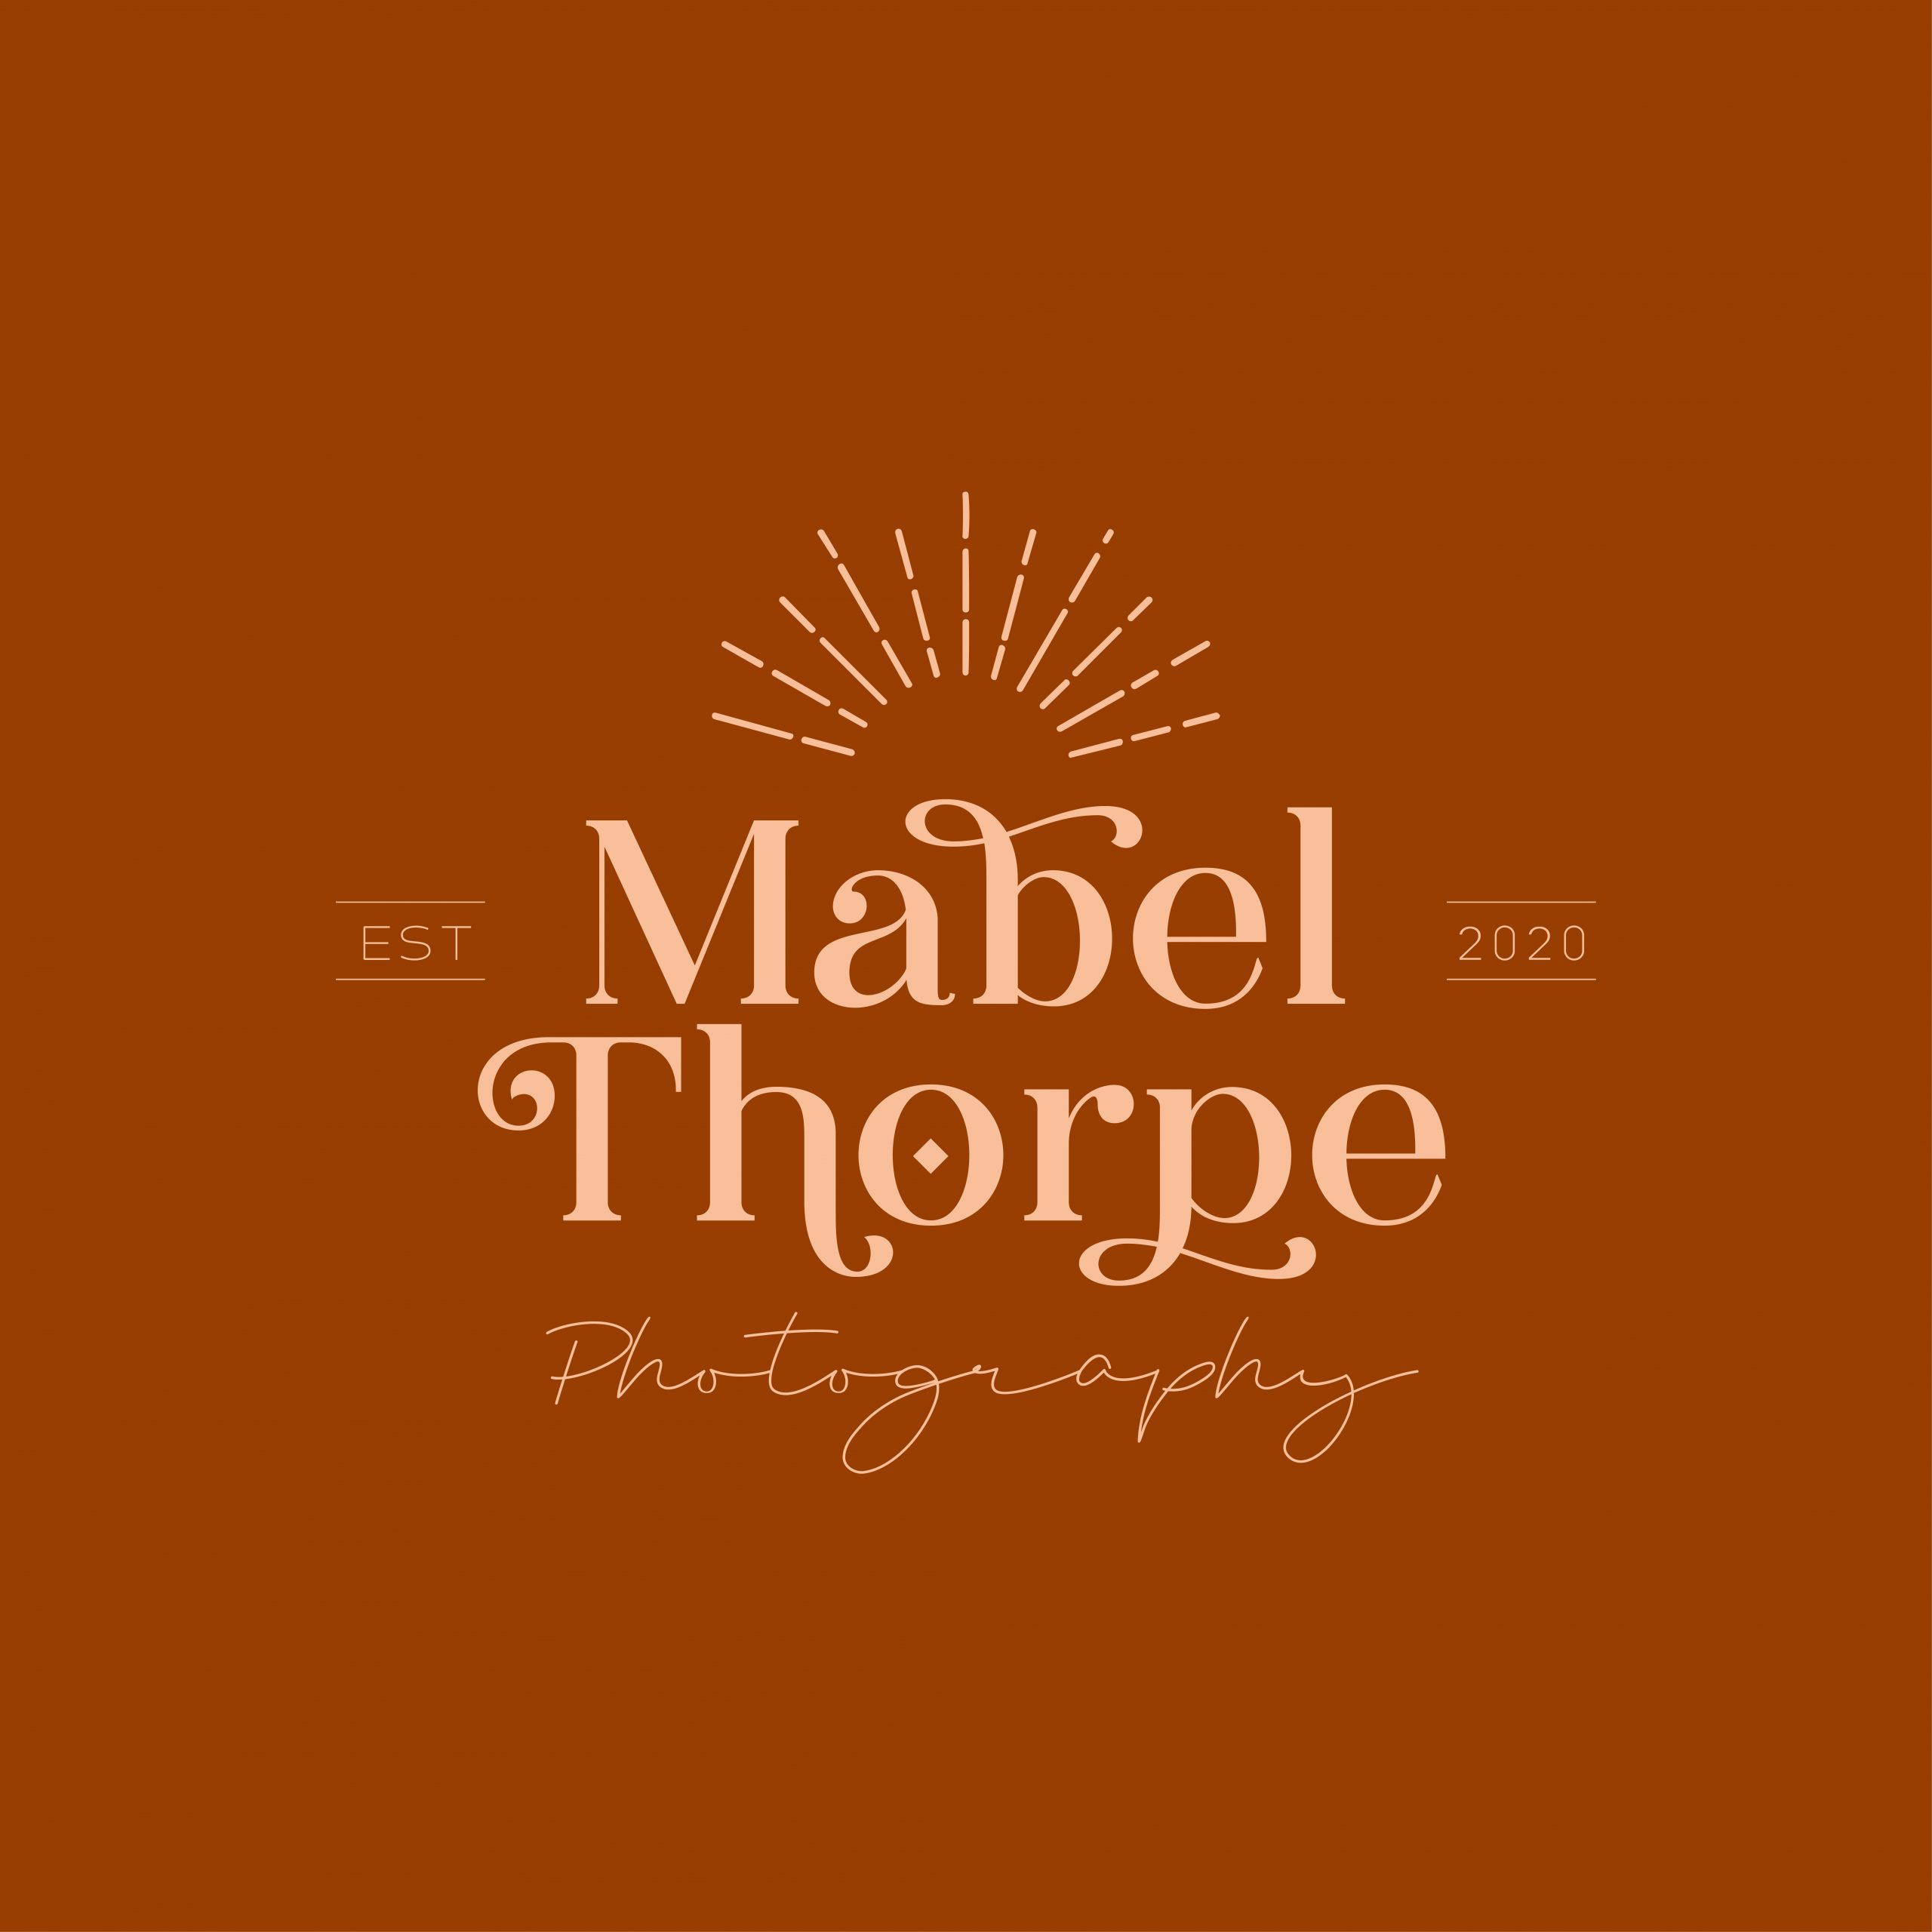 Mabel Thorpe Premade Logo